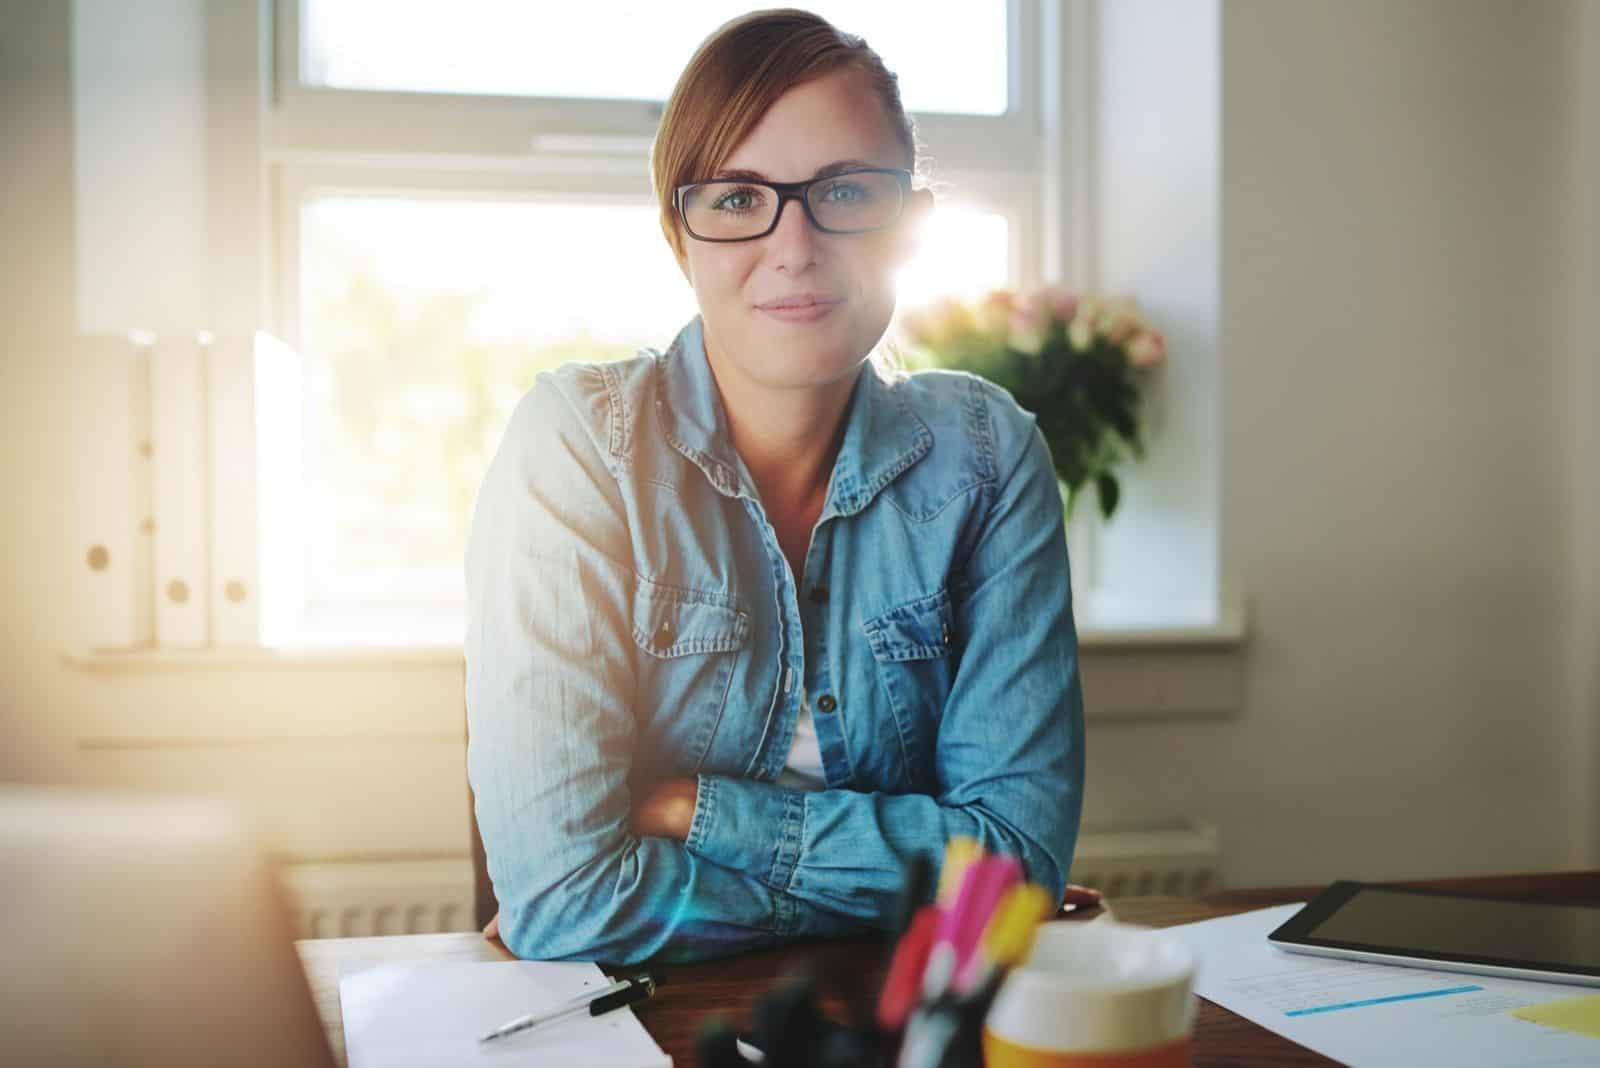 erfolgreiche Geschäftsfrau sitzt an ihrem Schreibtisch und schaut in die Kamera